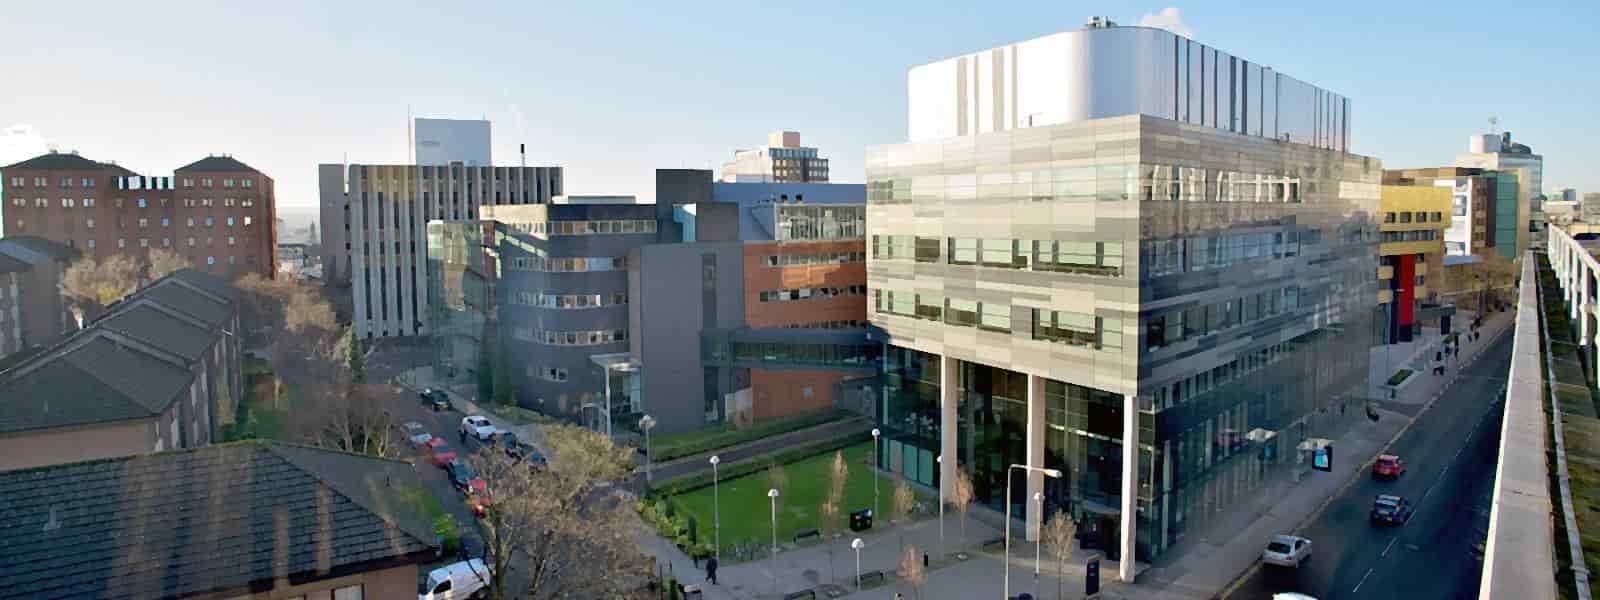 قدم في منحة جامعة ستراثكلايد للعلوم الإنسانية والاجتماعية في المملكة المتحدة 2021